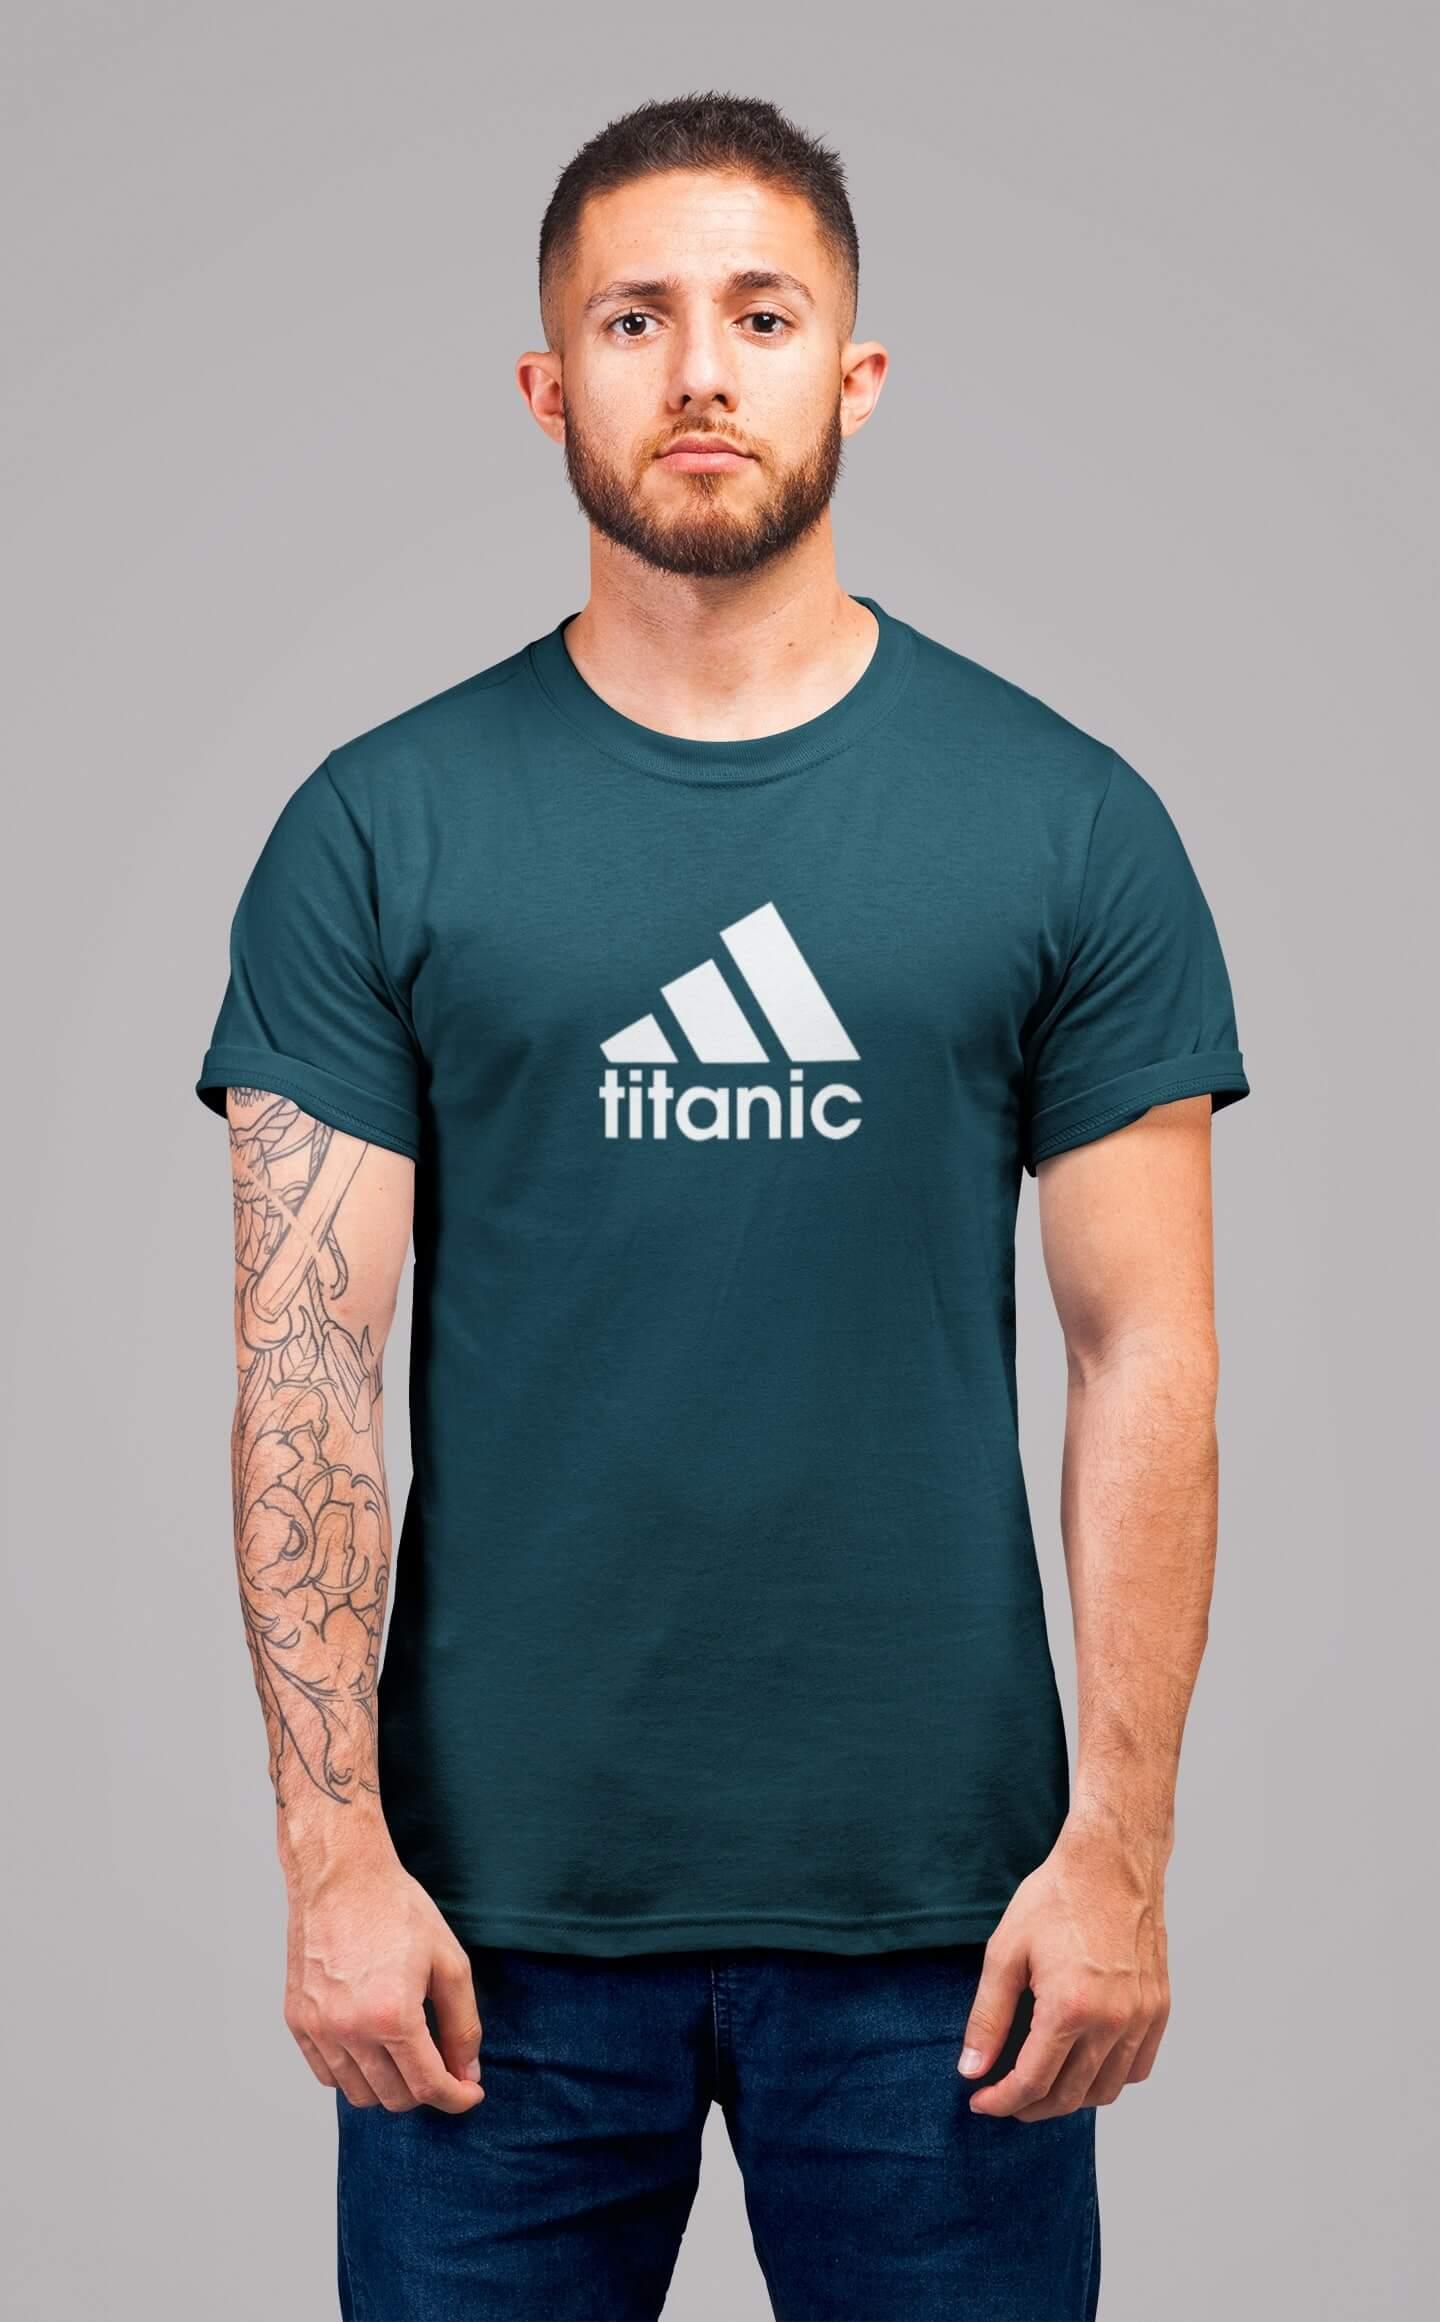 MMO Pánske tričko Titanic Vyberte farbu: Petrolejová modrá, Vyberte veľkosť: XL